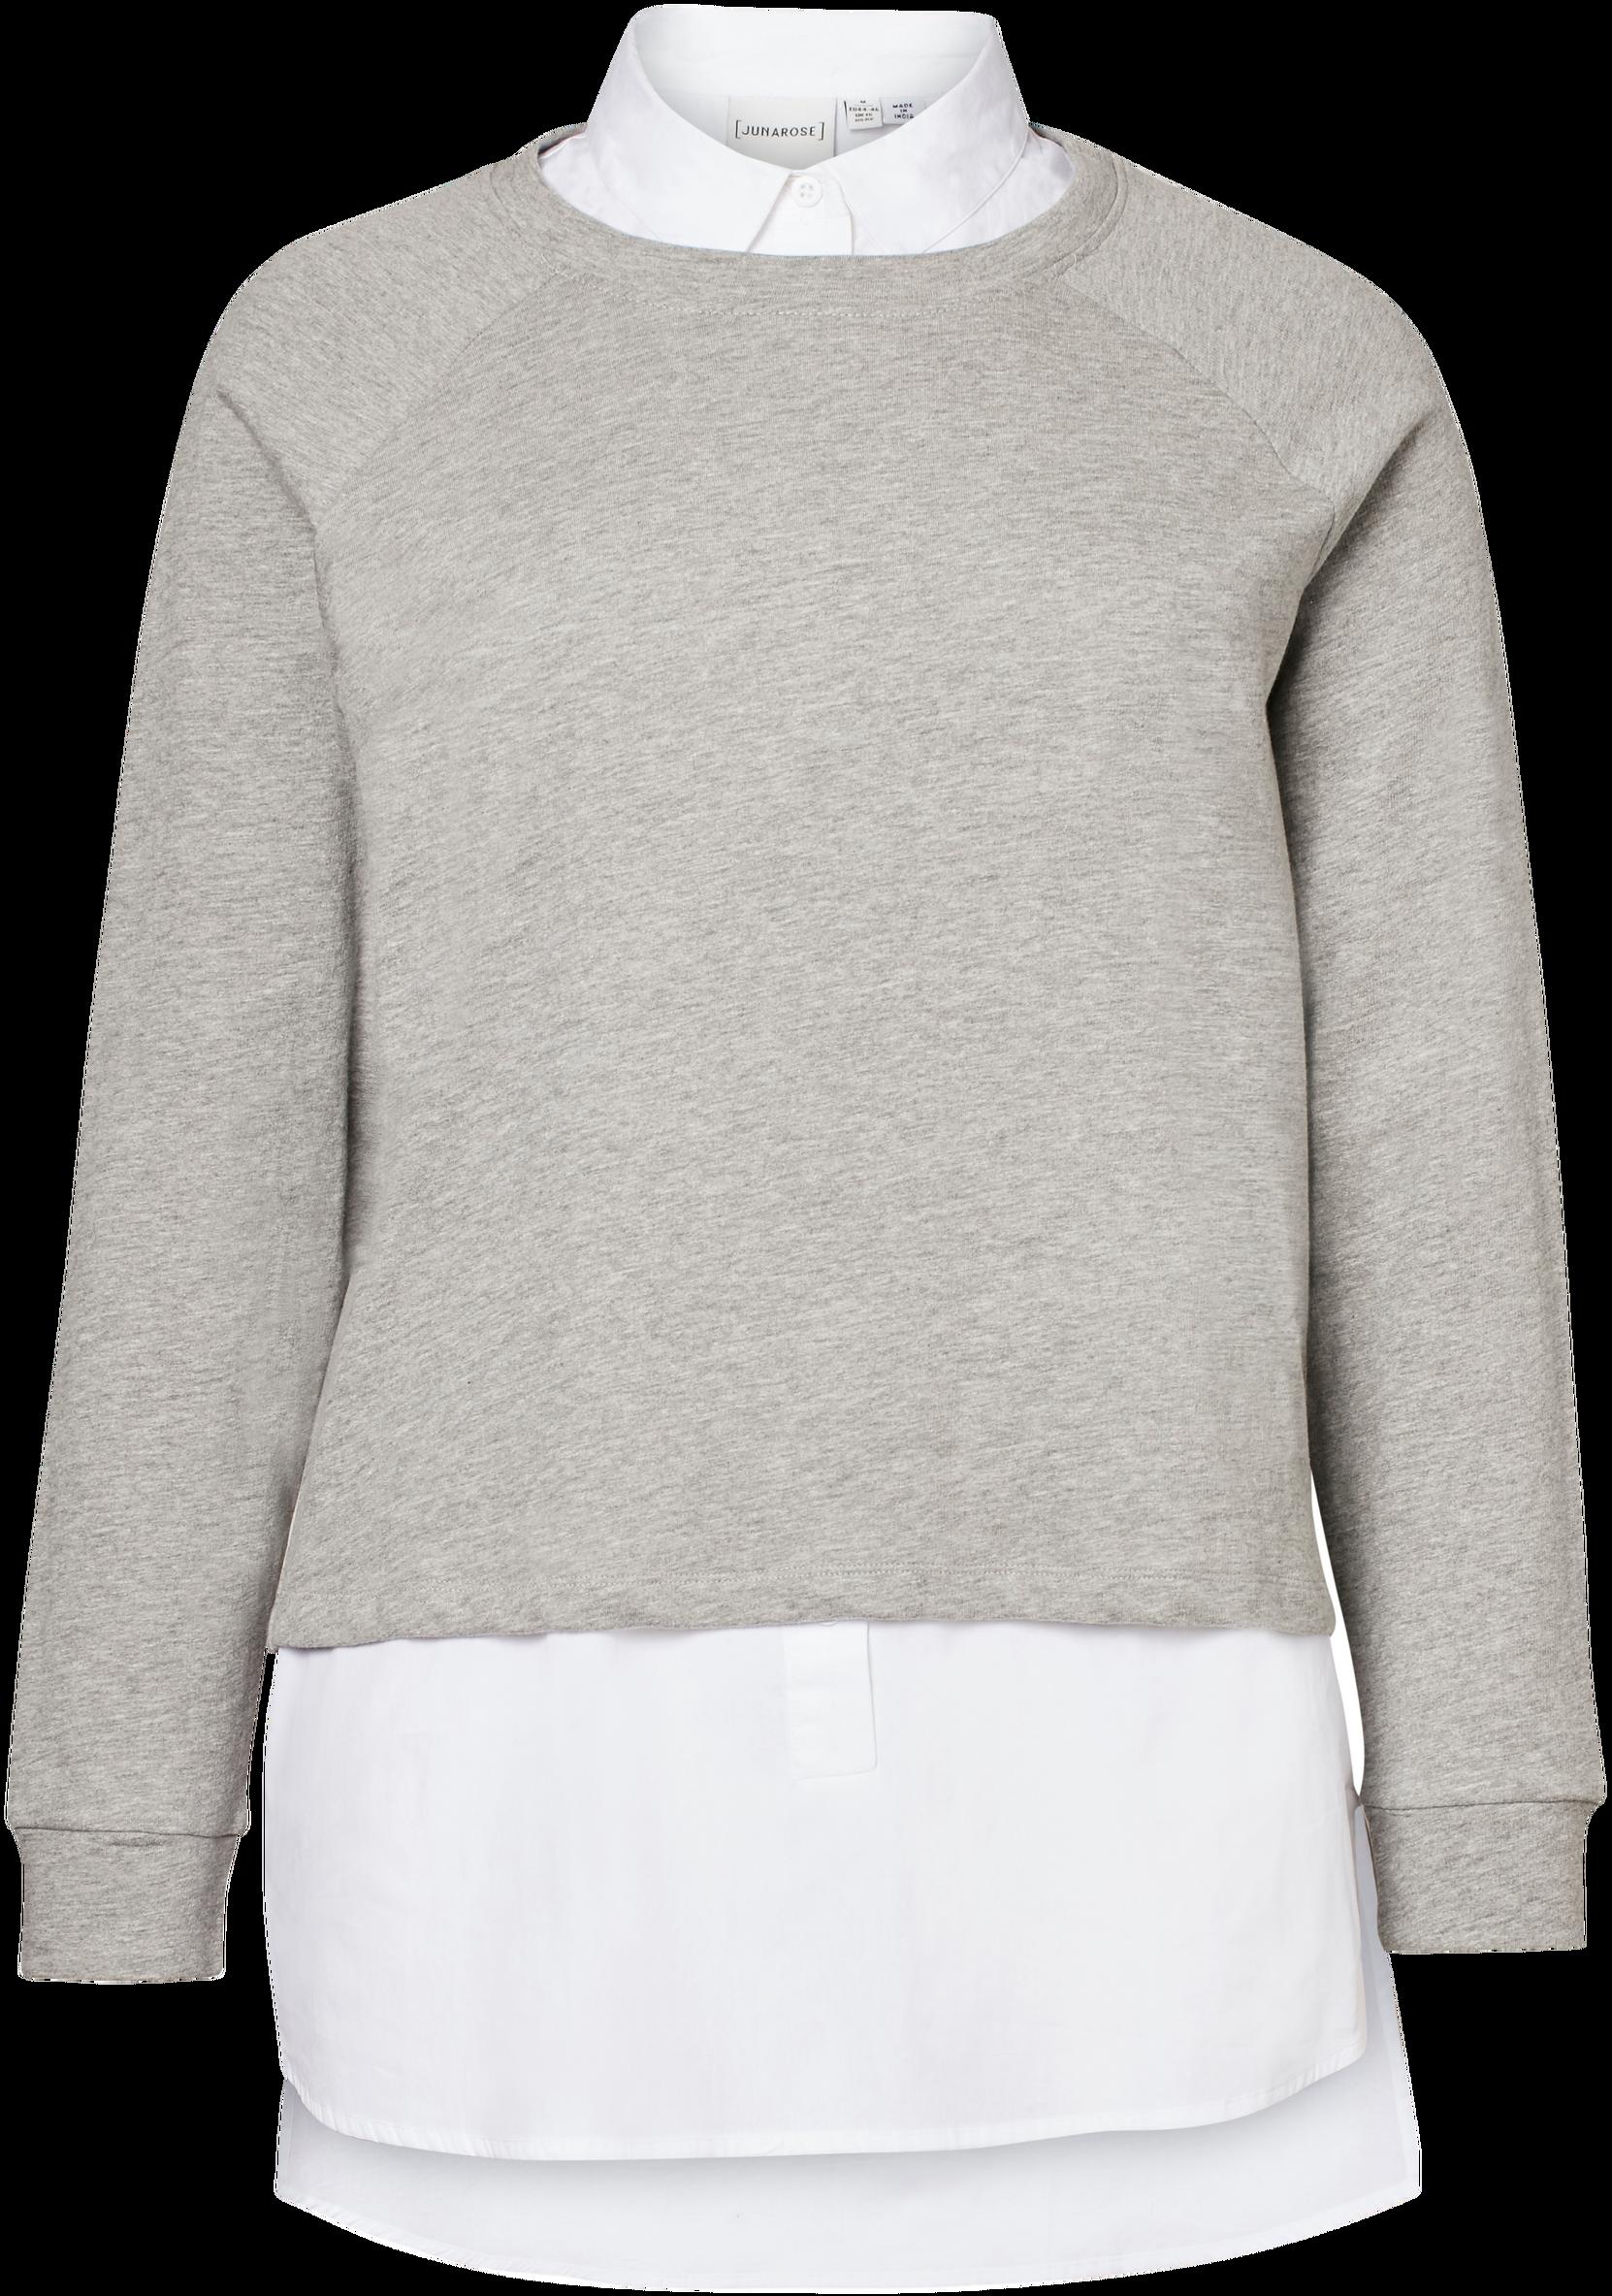 Skjortebluse jrSienna med trøje Junarose Skjorter & bluser til Kvinder i Gråmeleret + hvid